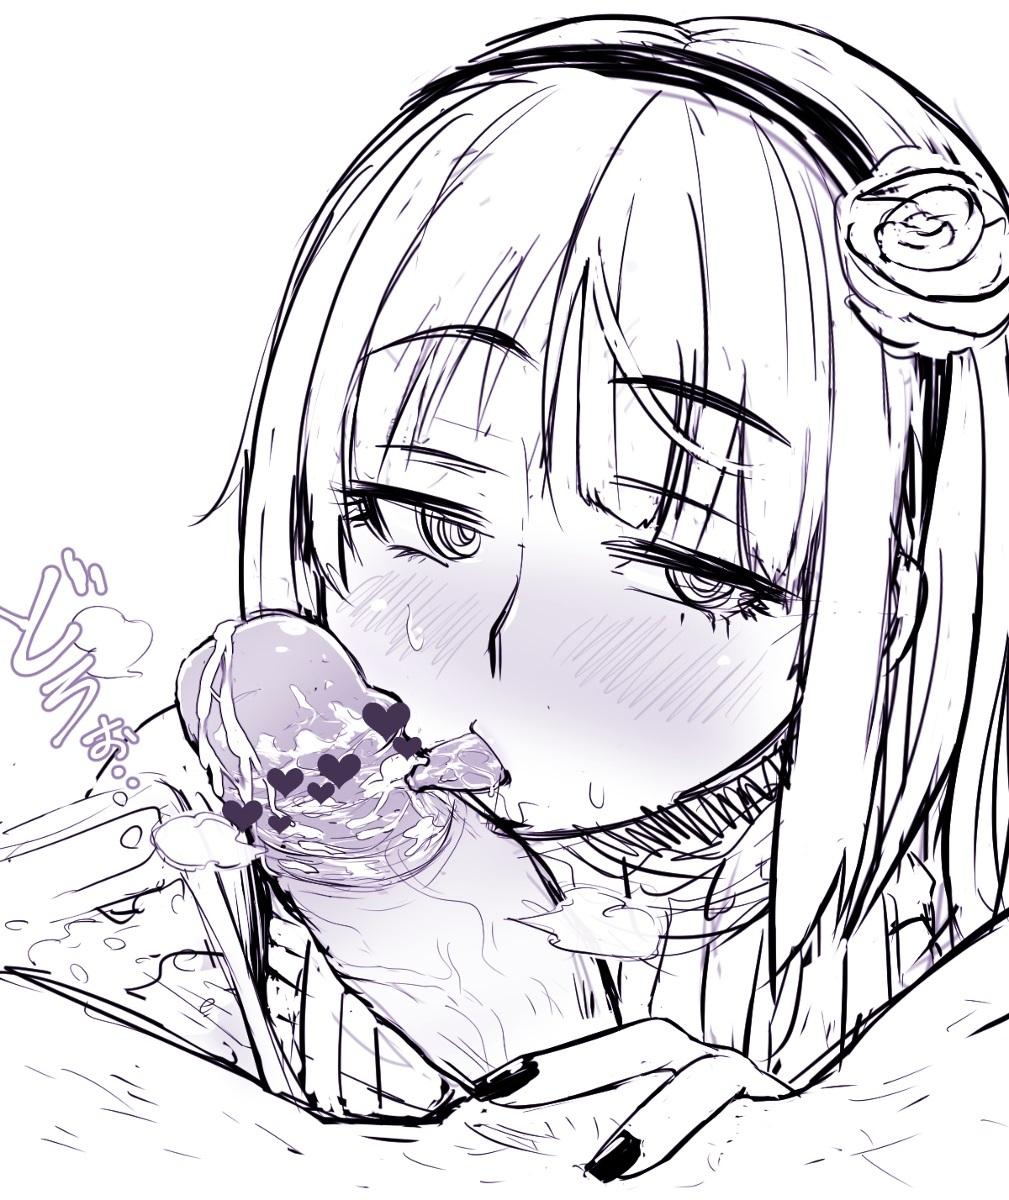 【二次元】枝垂ほたるのチンカスフェラ射精エロ画像3【だがしかし】